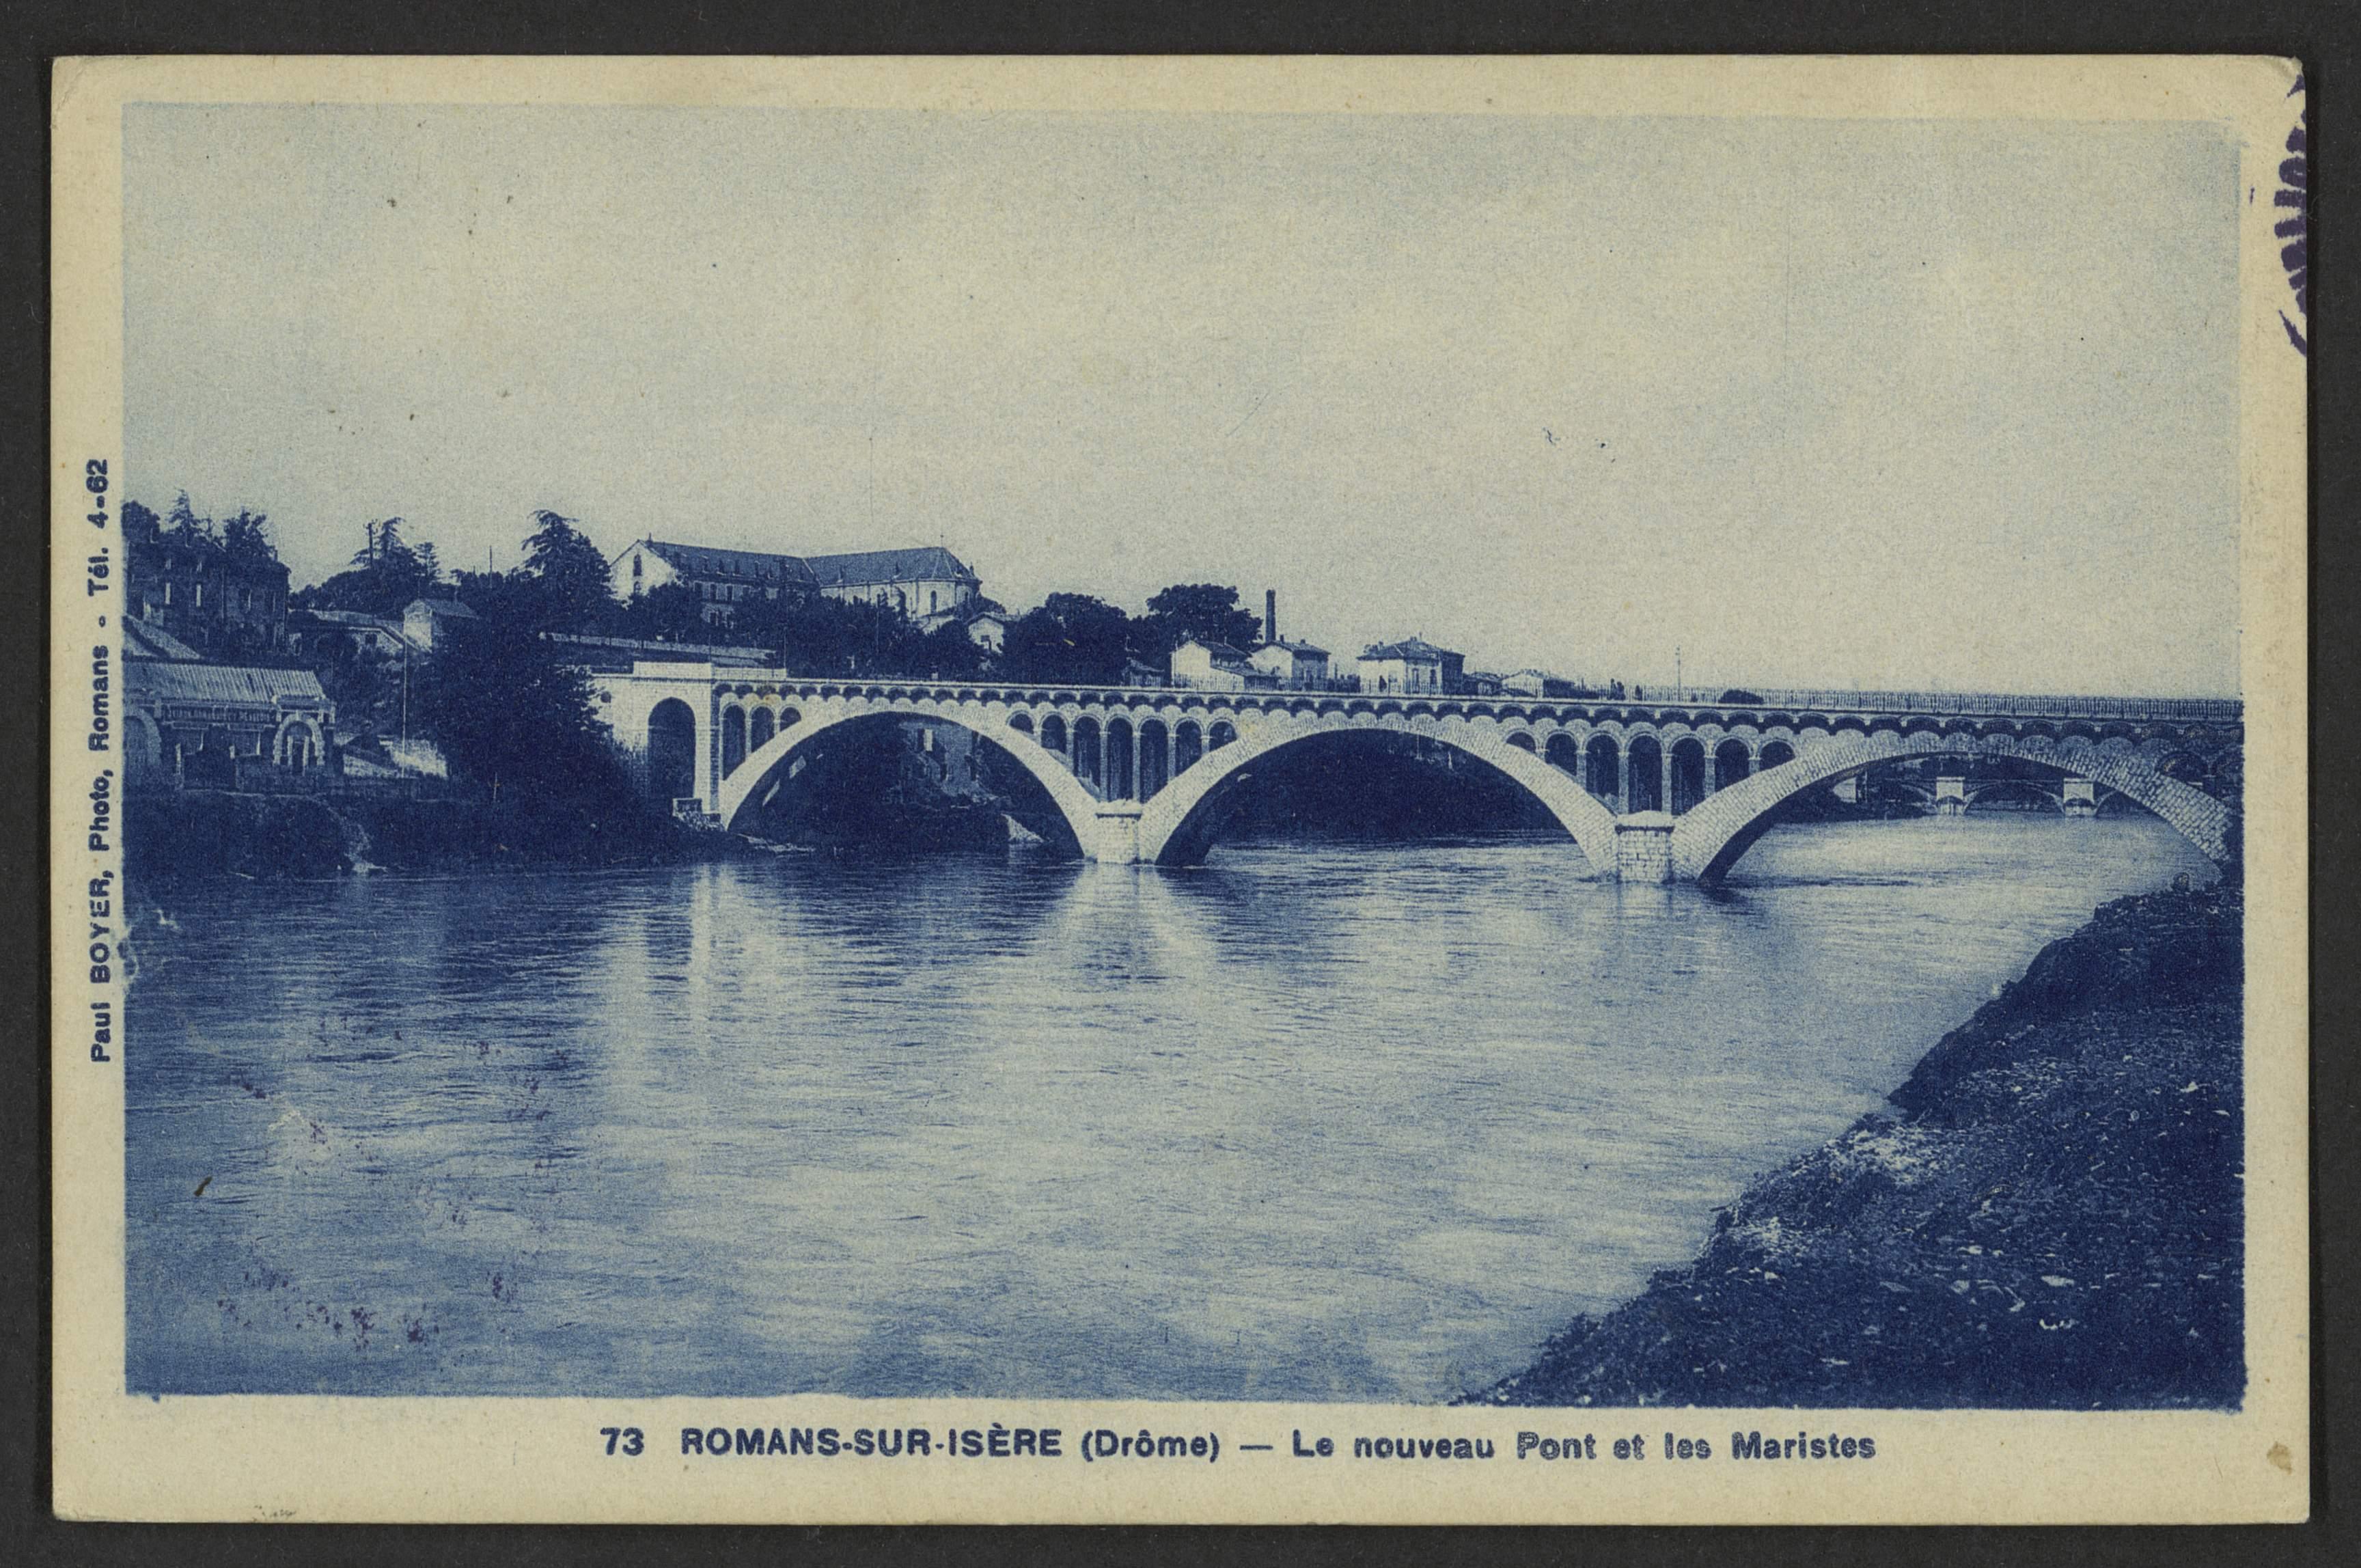 Romans-sur-Isère (Drôme) - Le nouveau Pont et les Maristes